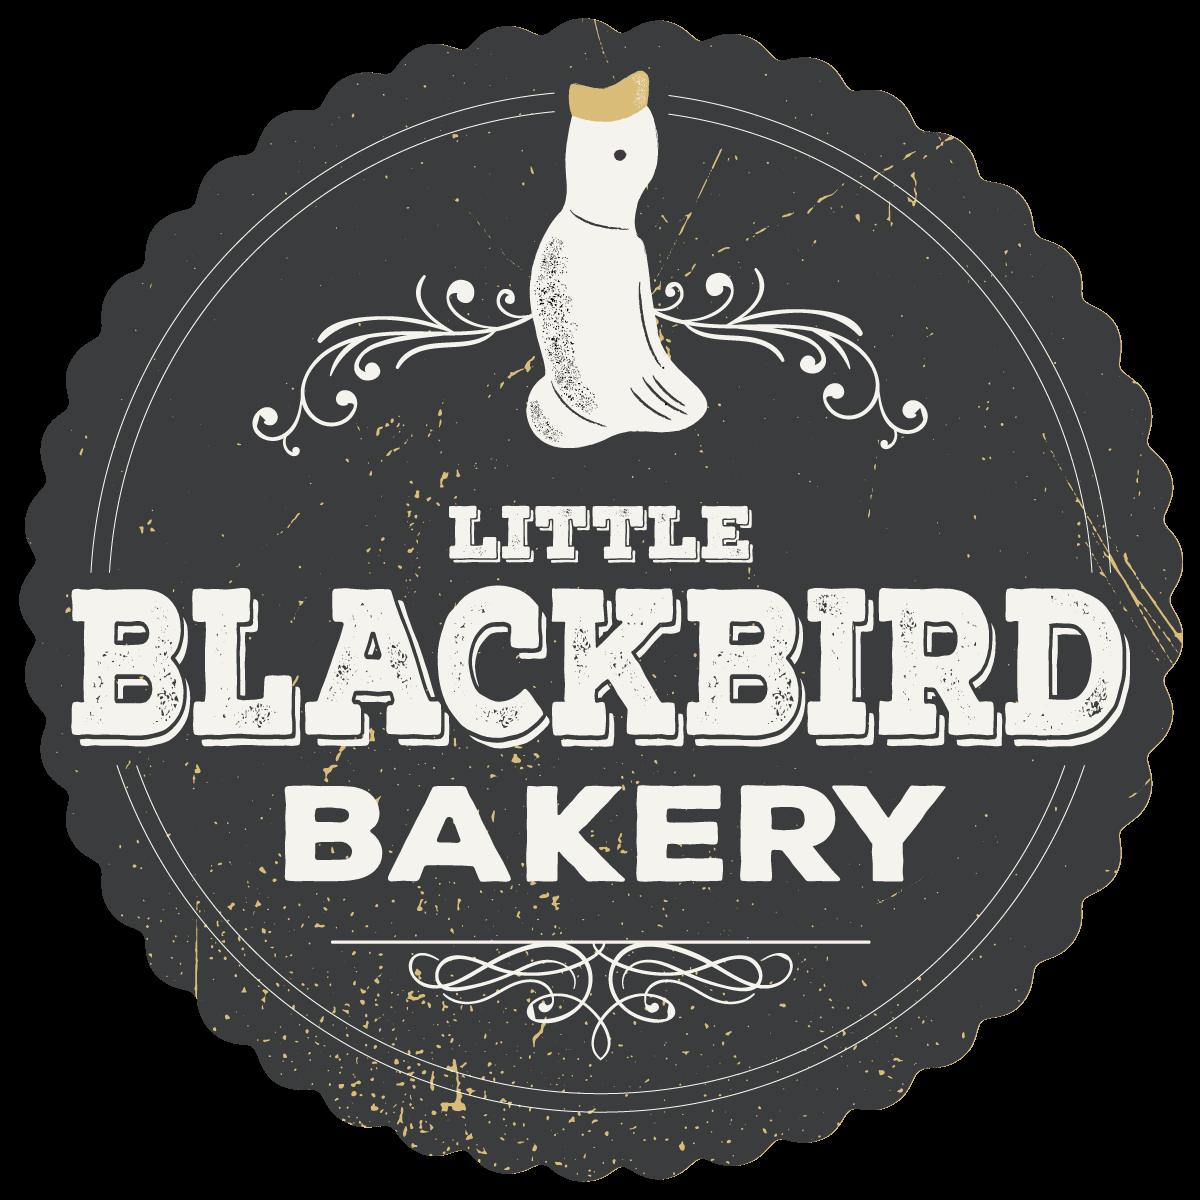 LITTLE BLACKBIRD BAKERY     Baker